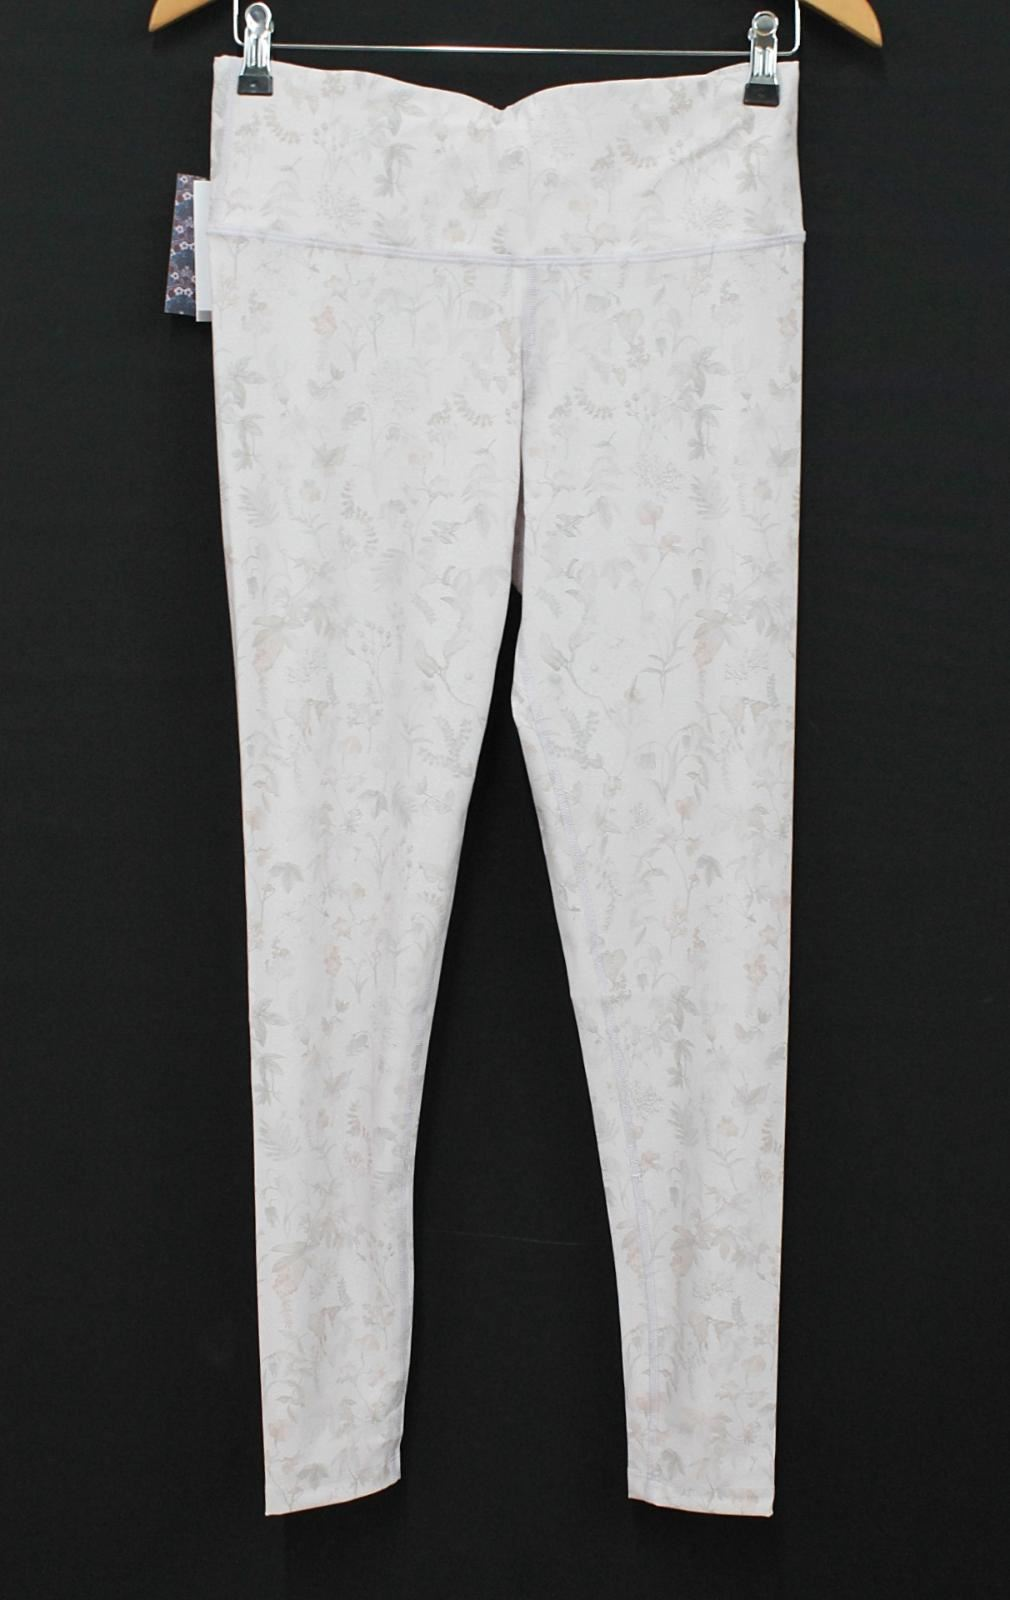 HARVEY & MILLS Ladies Secret Garden Pink & Nude Leggings Size M UK10-12 NEW